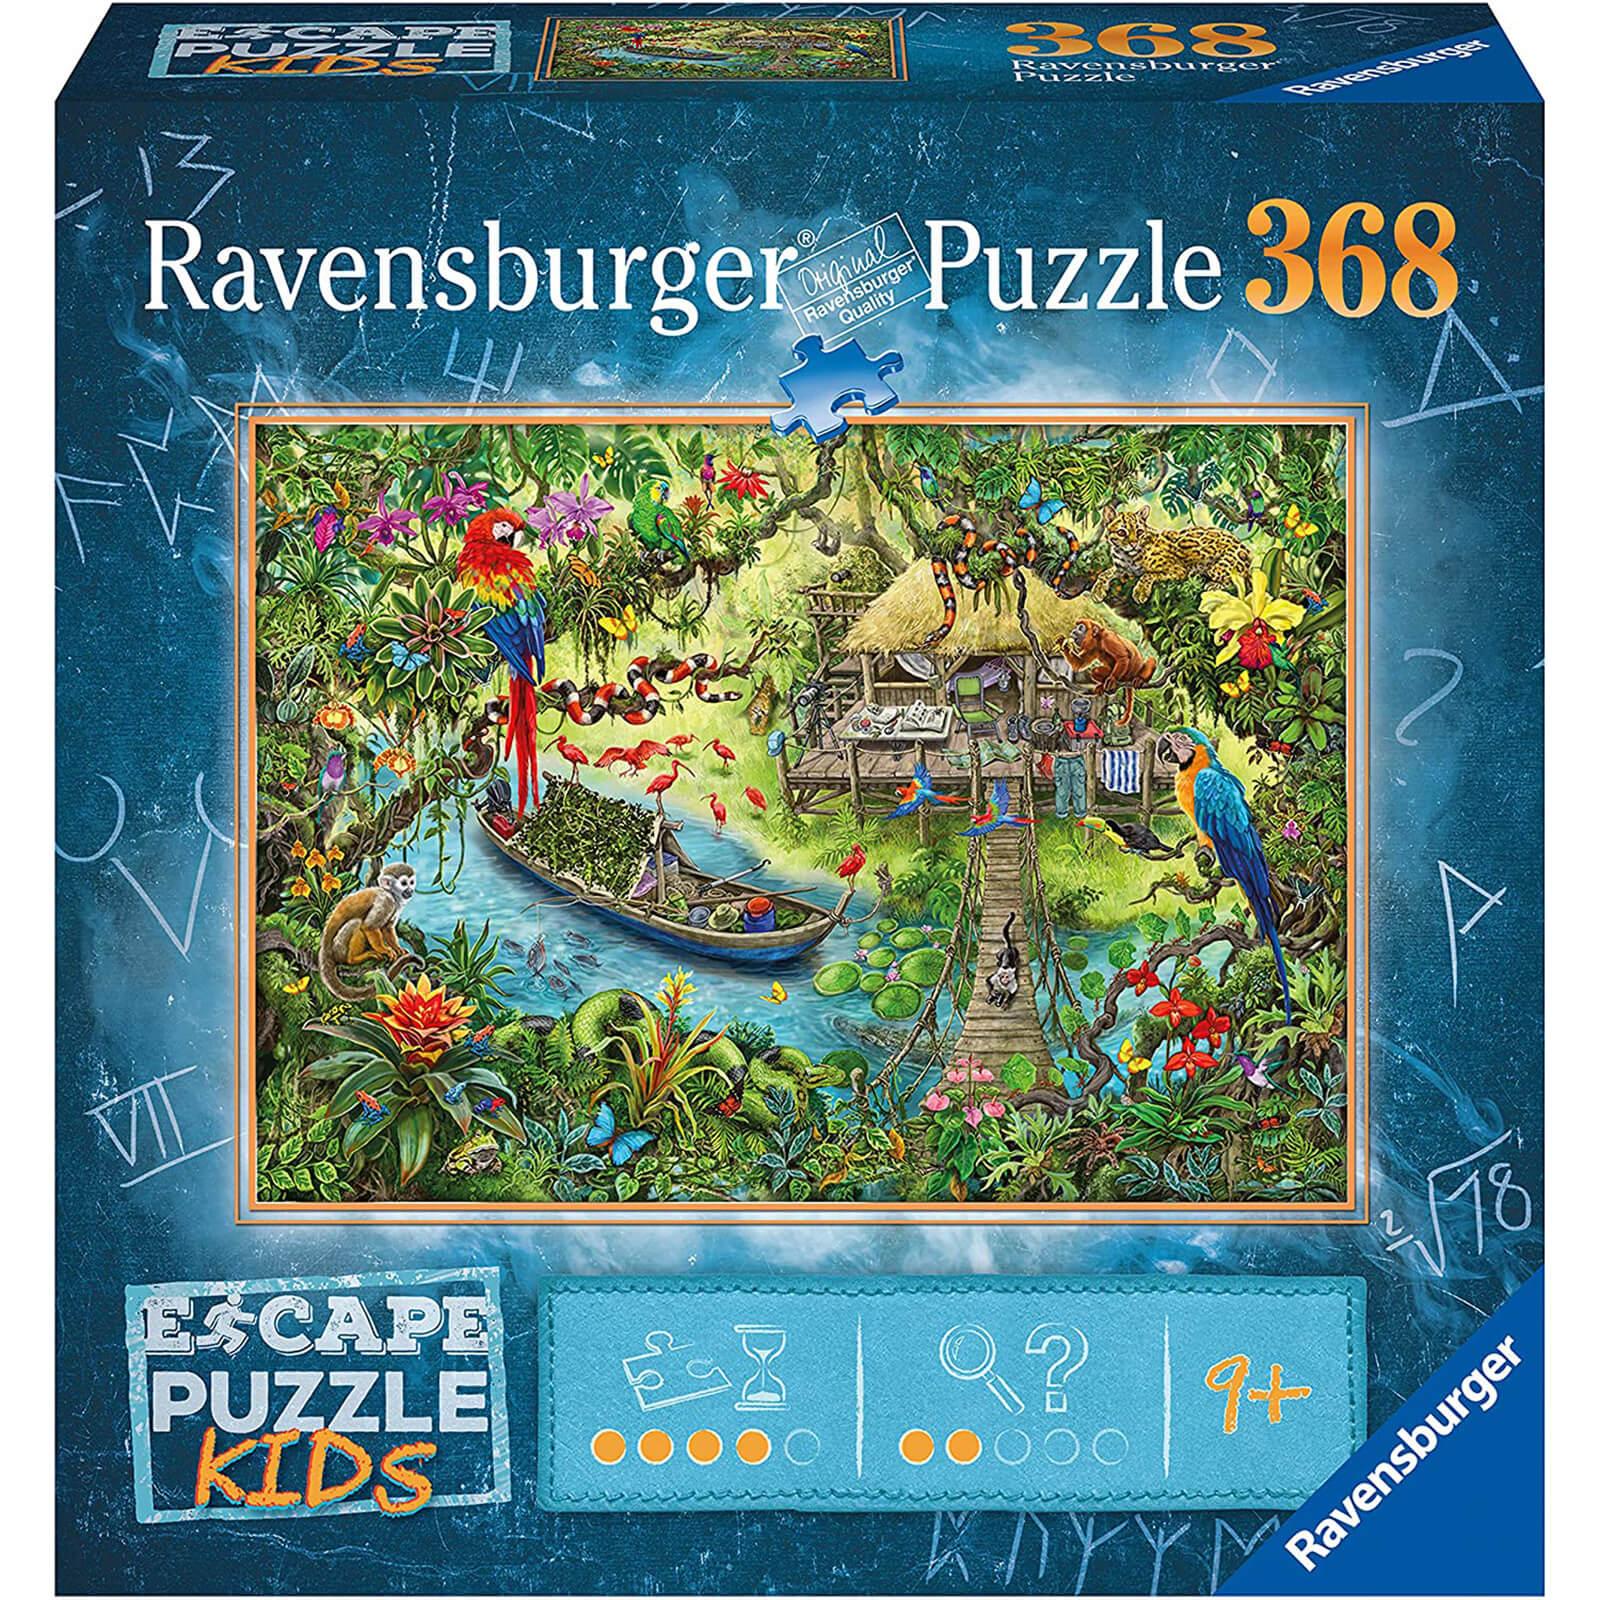 Image of Escape Jigsaw Puzzle Kids - Jungle (368 Pieces)